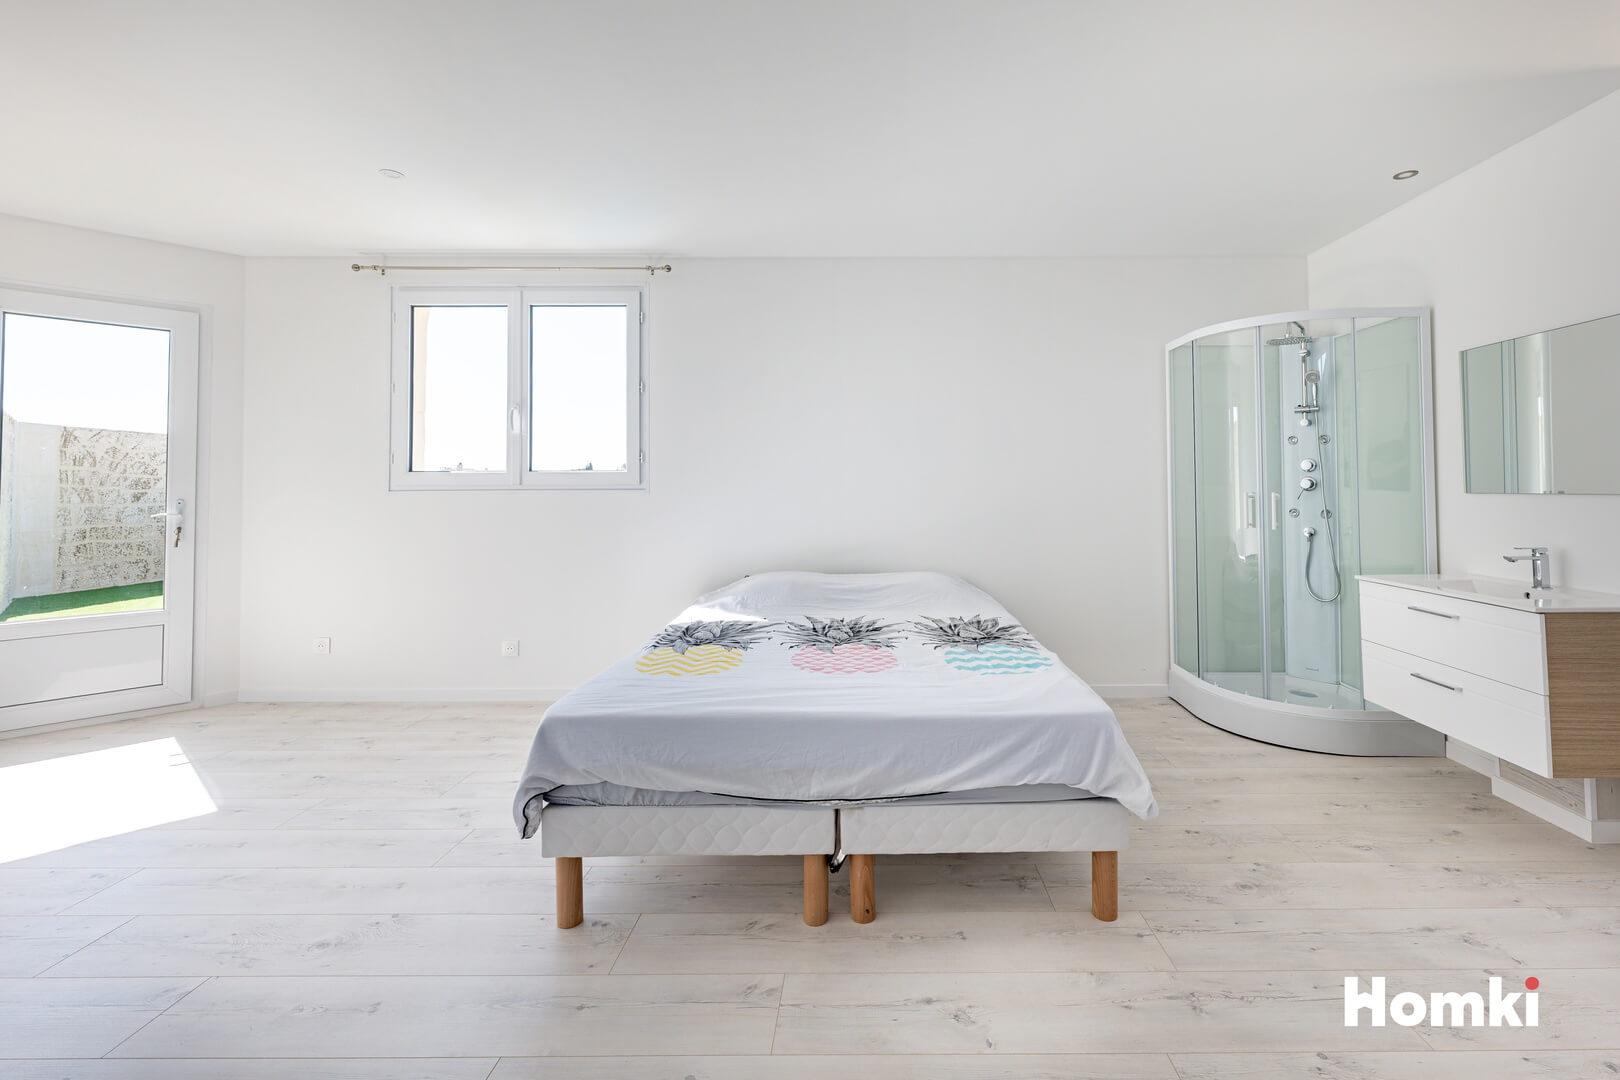 Homki - Vente Maison/villa  de 167.0 m² à Olonzac 11700